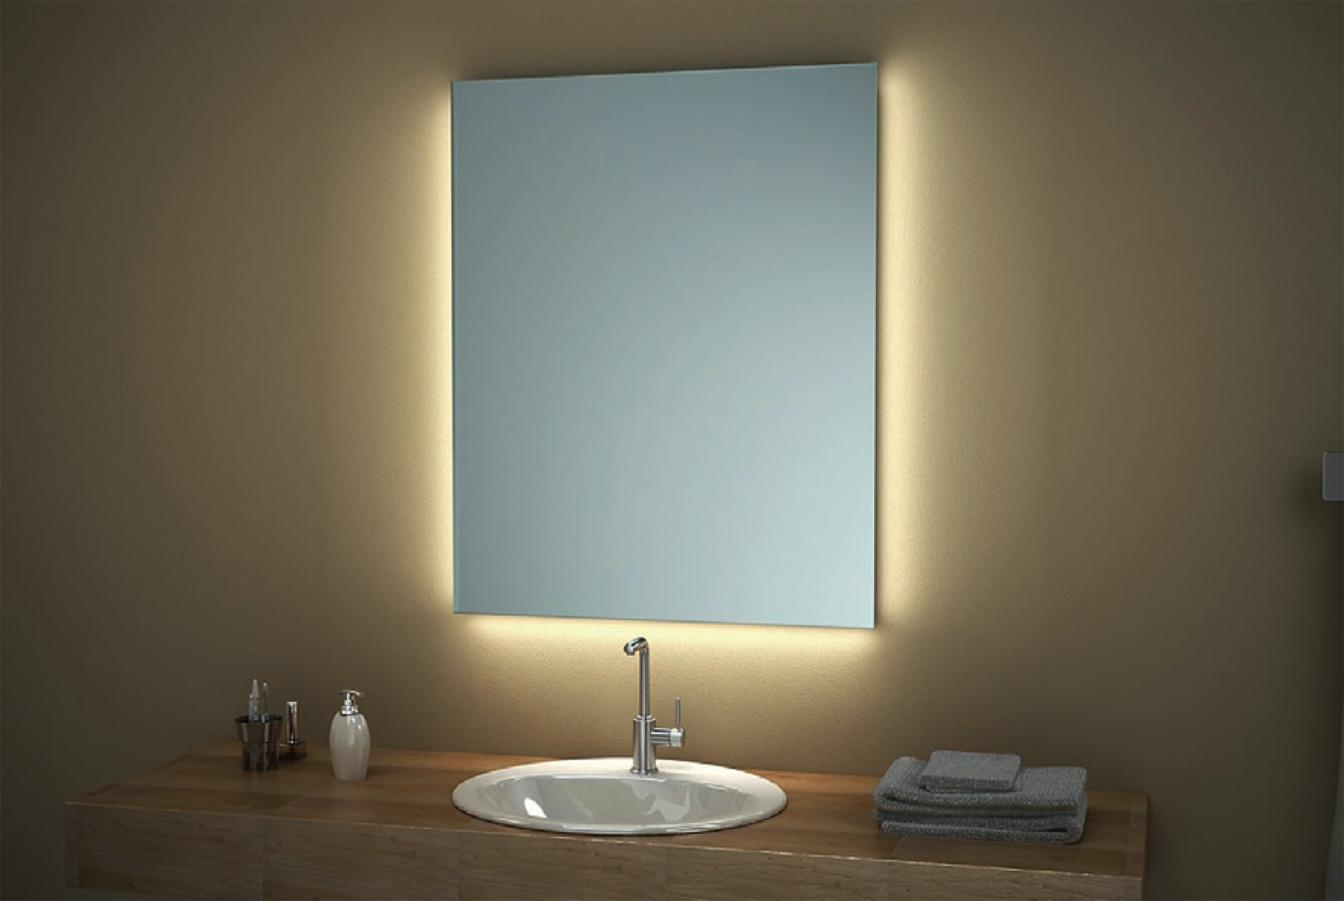 Badrum Belysning Perfect Speglar Med Belysning With Badrum Belysning Affordable Badrum